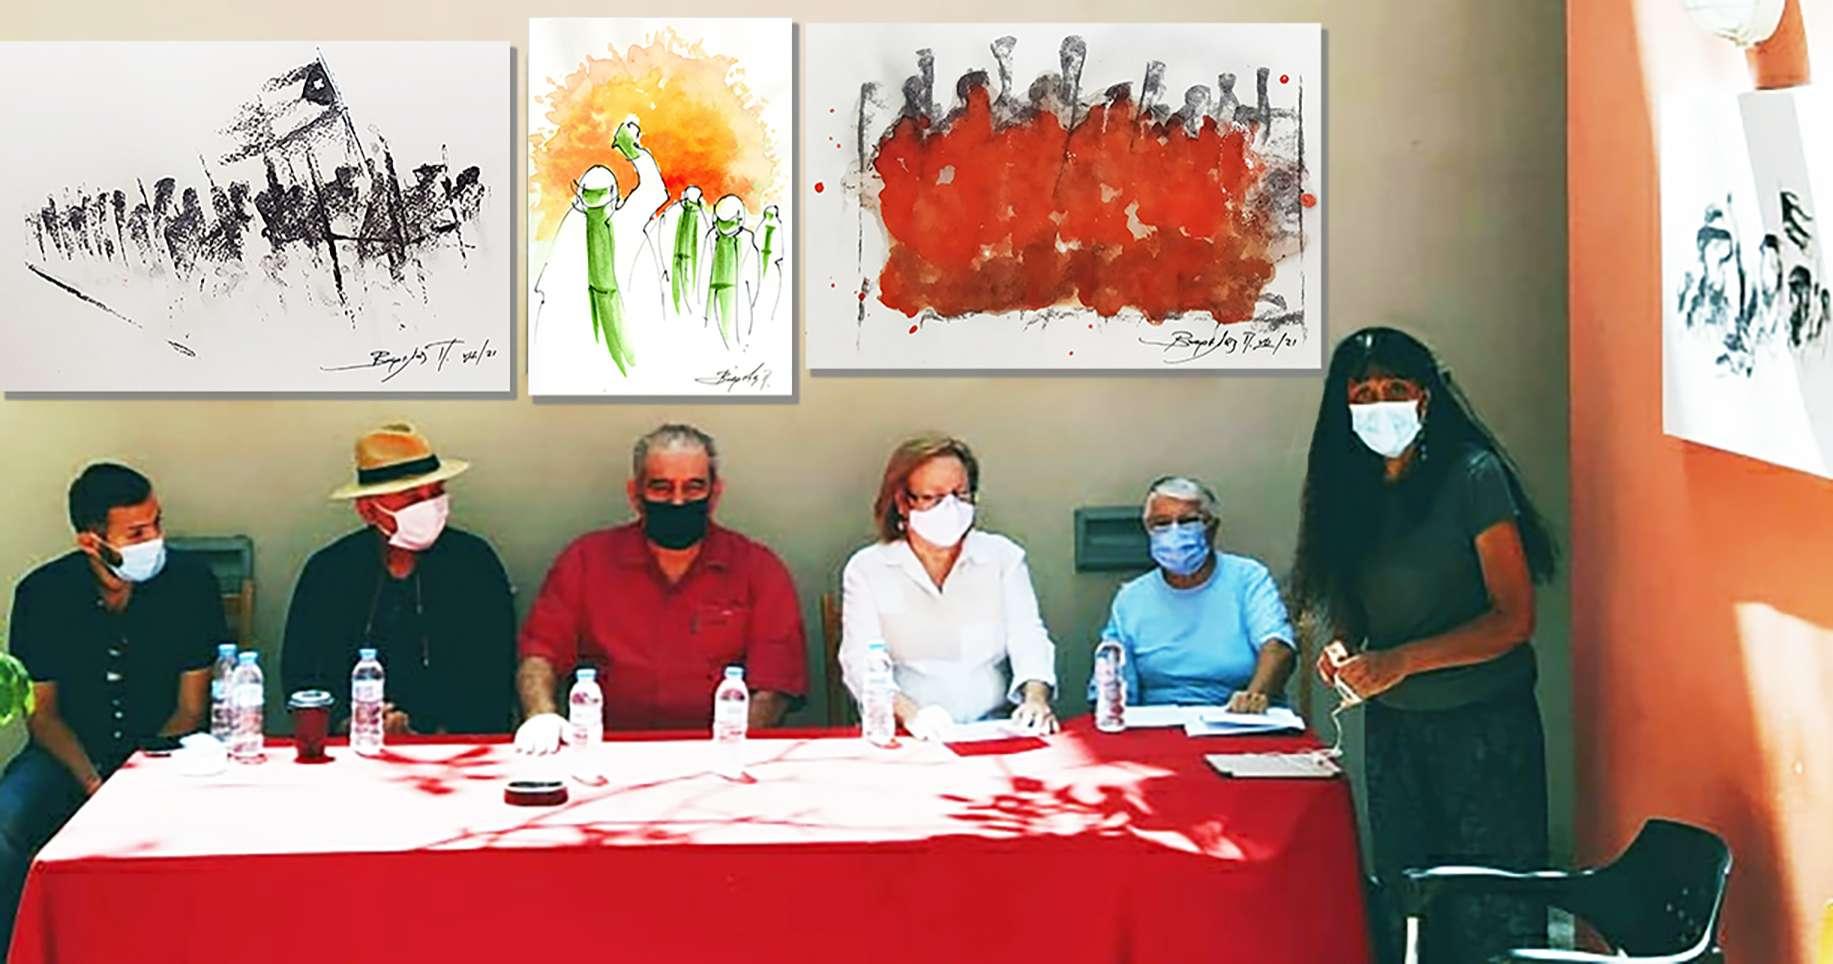 Εκδήλωση Η Κούβα δεν είναι μόνη της! Κυκλοφορεί το εικαστικό λεύκωμα του Τάκη Βαρελά στήριξης του αγώνα στο νησί της επανάστασης